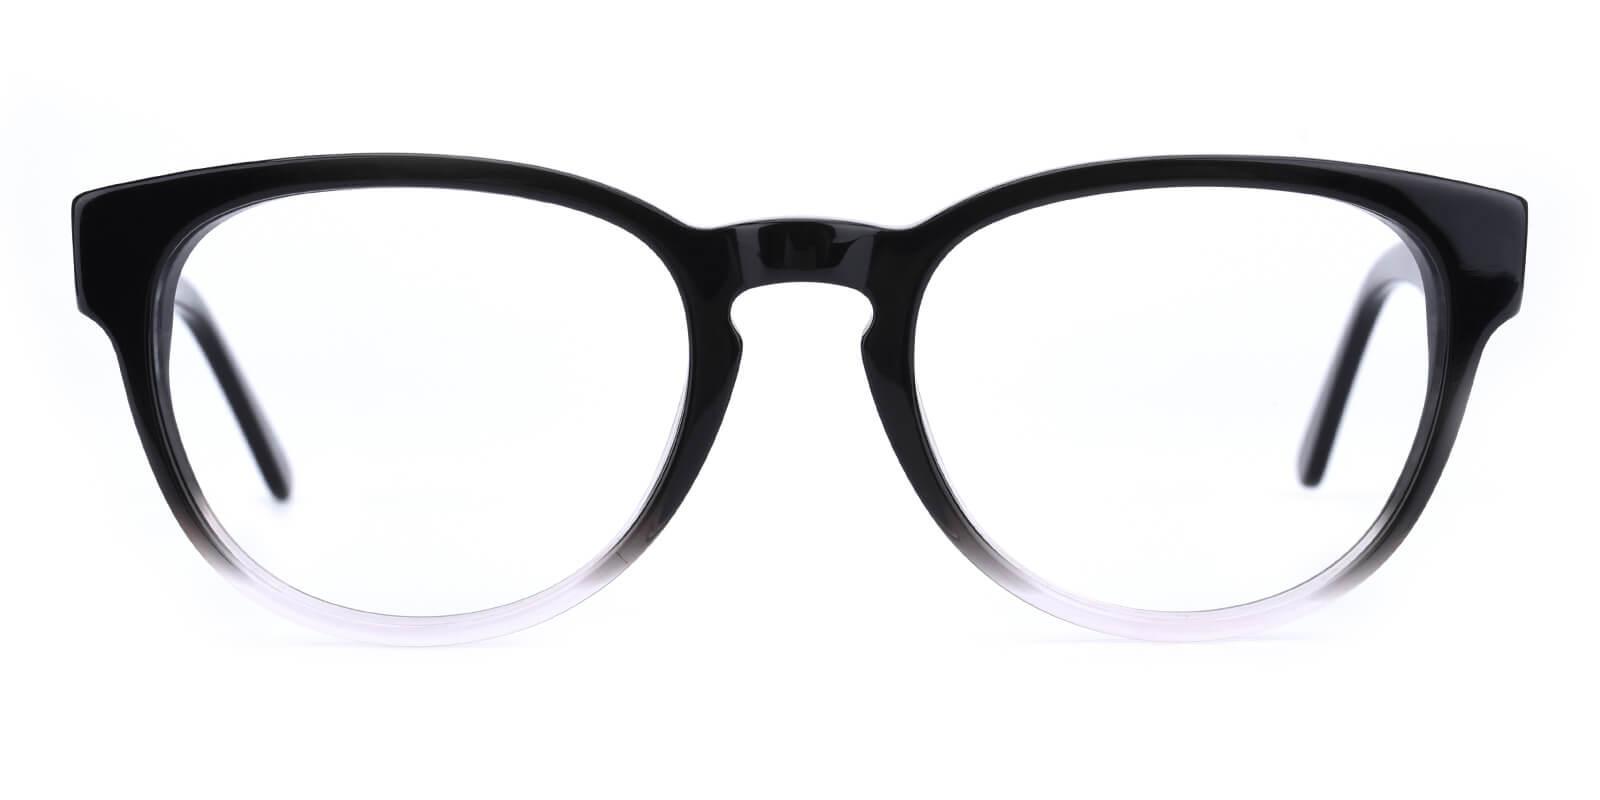 Bringmo-Translucent-Round / Cat-Acetate-Eyeglasses-additional2